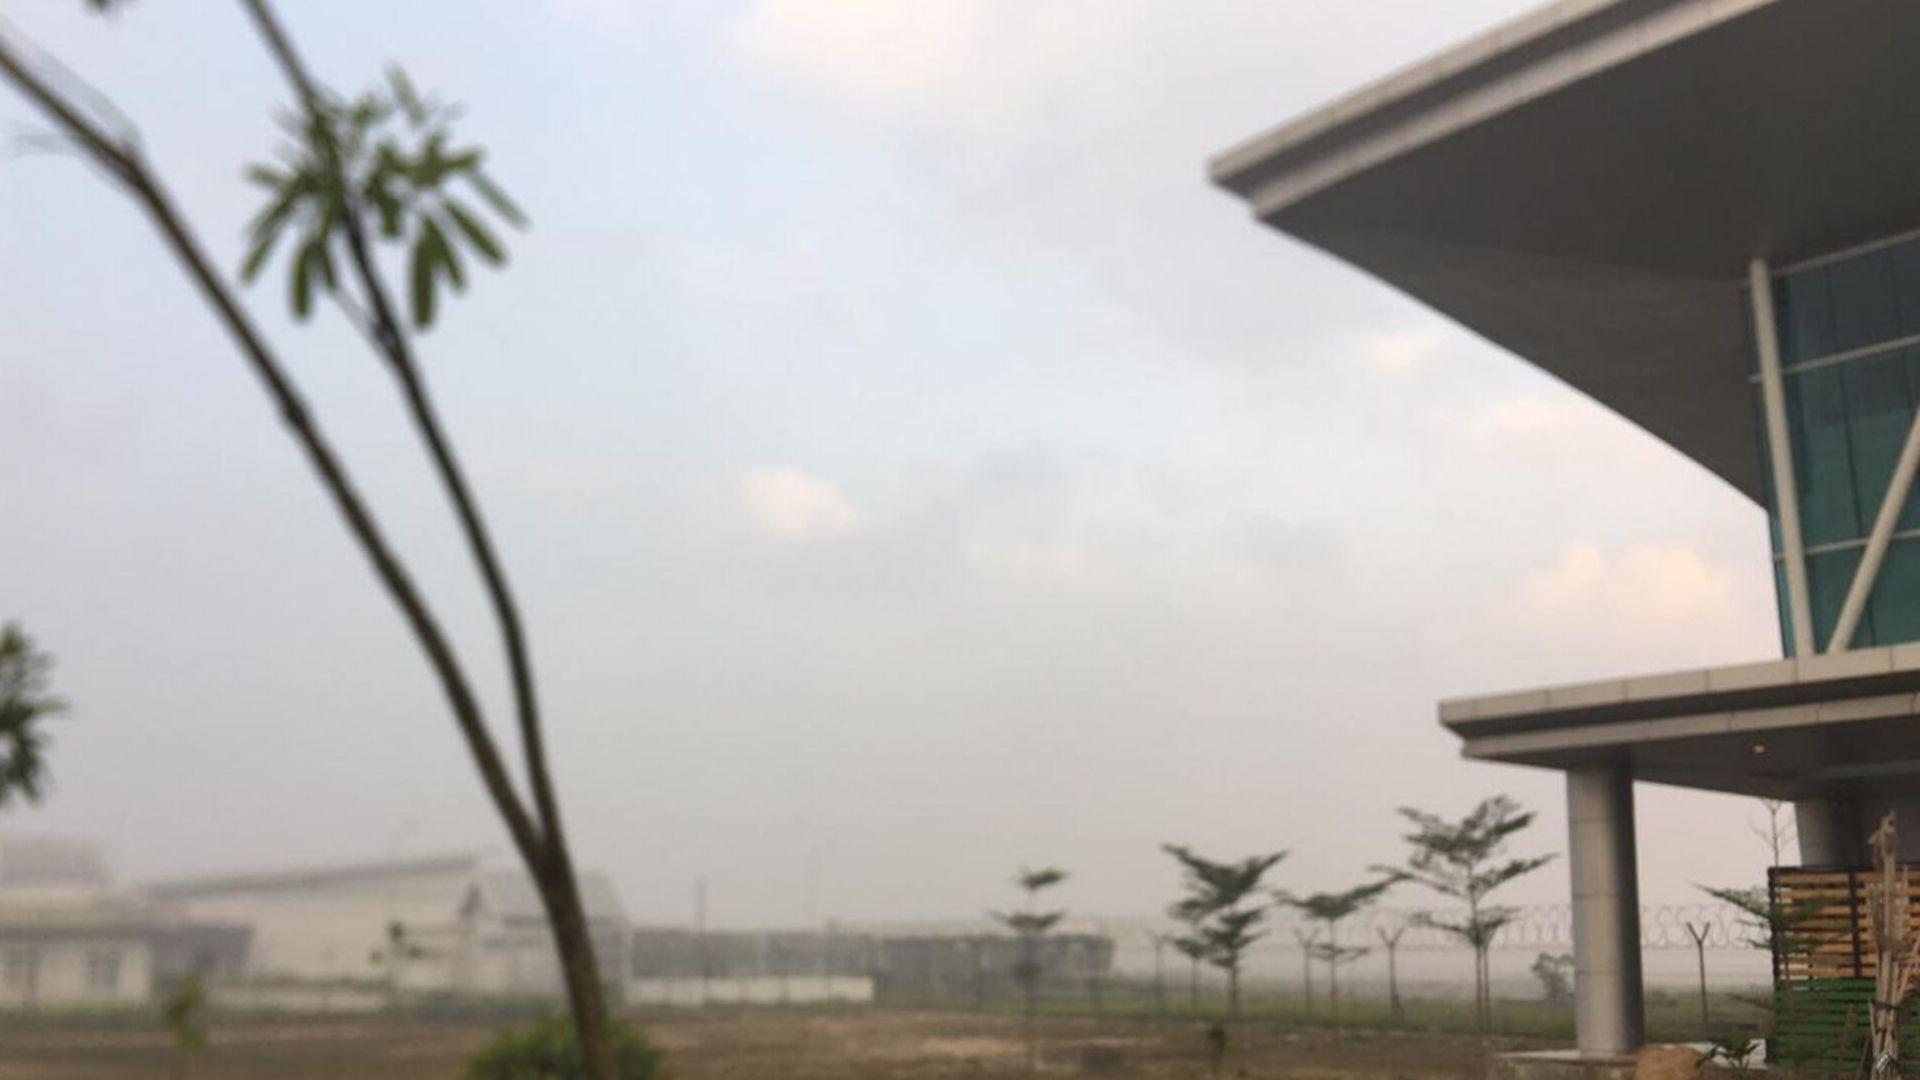 Bandar Udara Internasional Aji Pangeran Tumenggung Pranoto atau sering disingkat Bandar Udara APT Pranoto, di Kota Samarinda, Kalimantan Timur, Senin (23/9/2019) pagi ini, diselimuti asap lagi. Padahal, selama dua hari sebelumnya, penerbangan sudah berjalan normal.